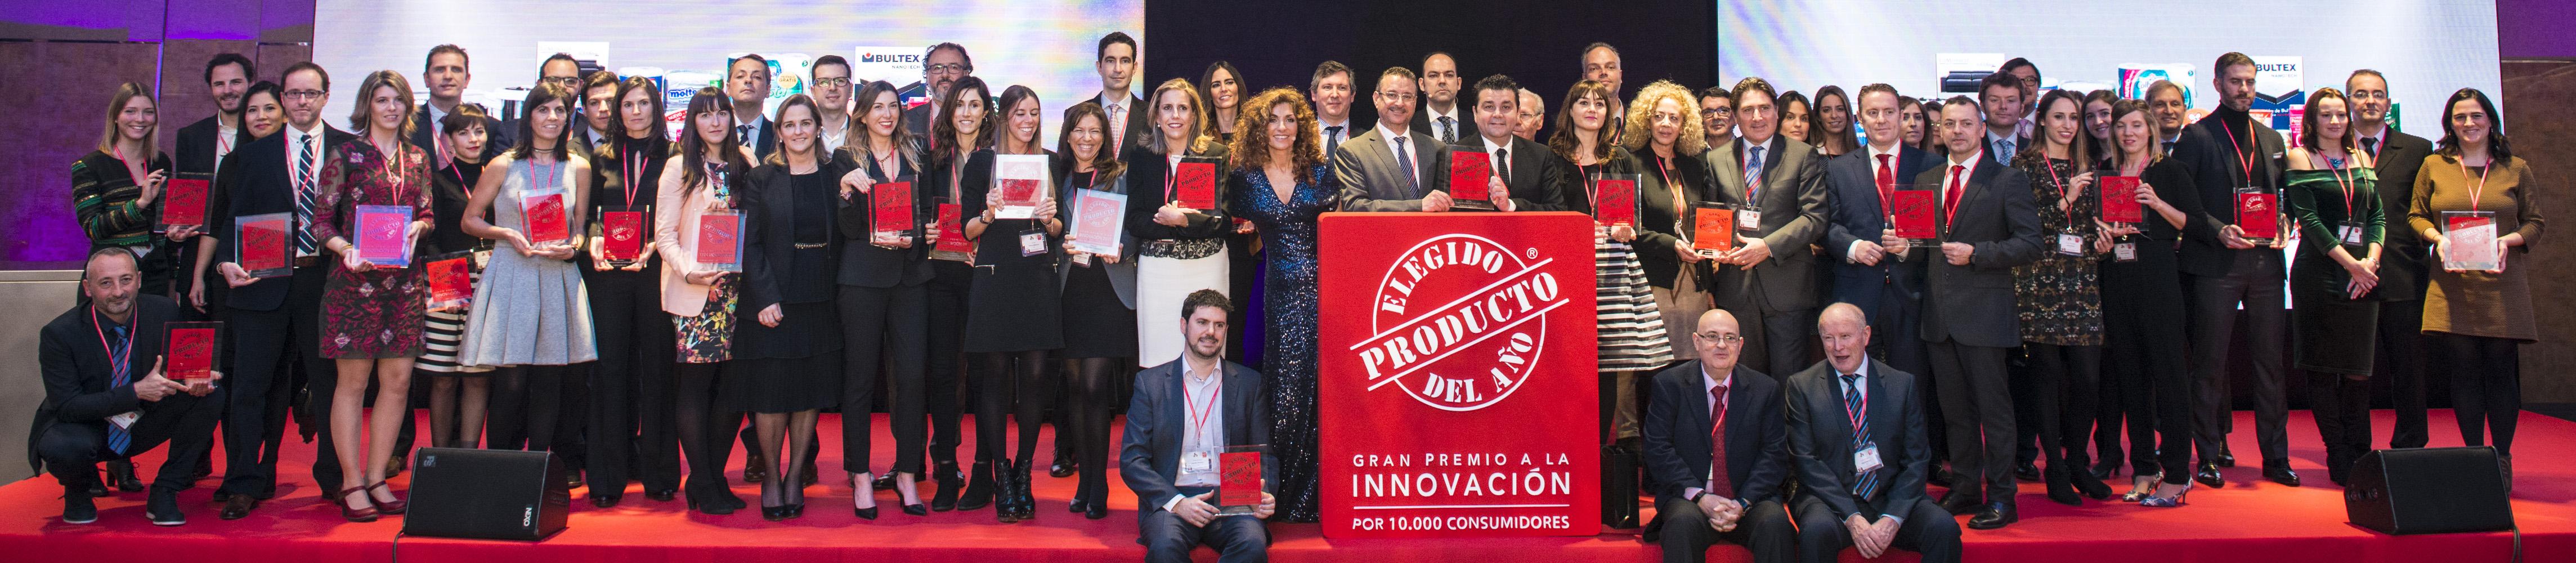 Al 66'2% de los españoles les gusta probar productos nuevos